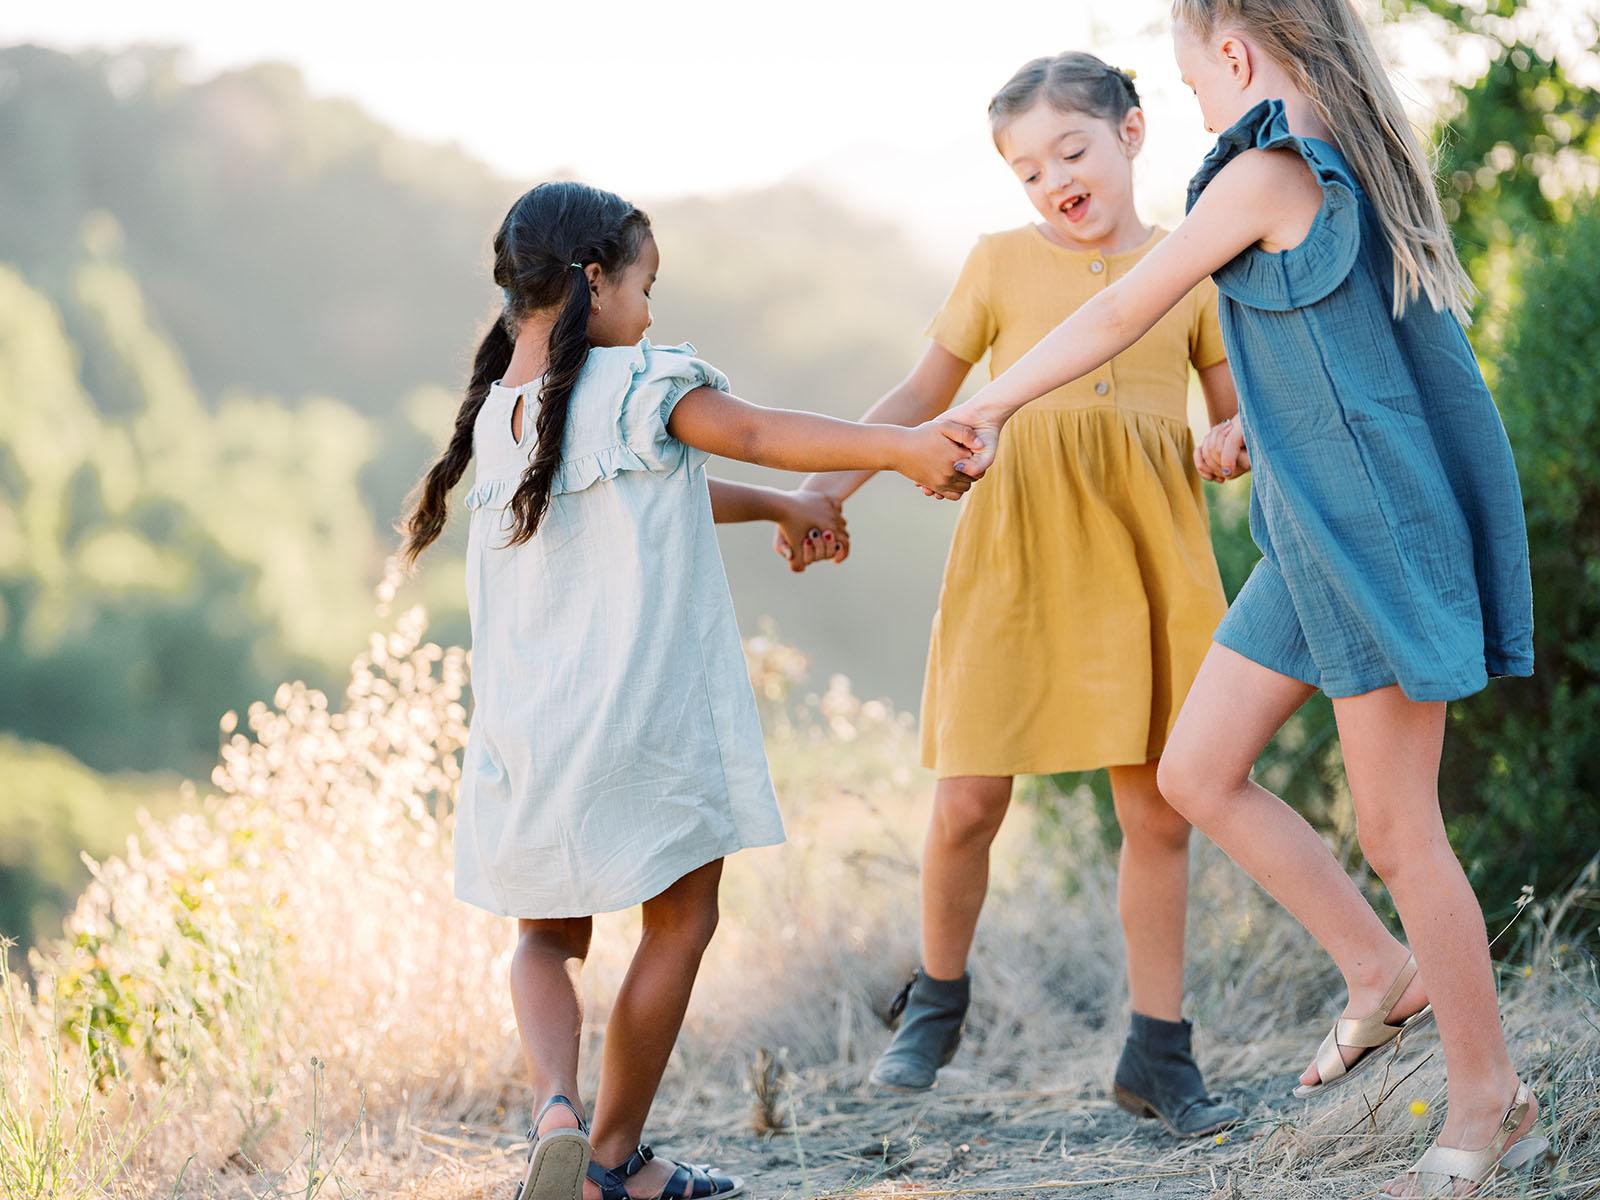 Girls spinning on hillside, movement